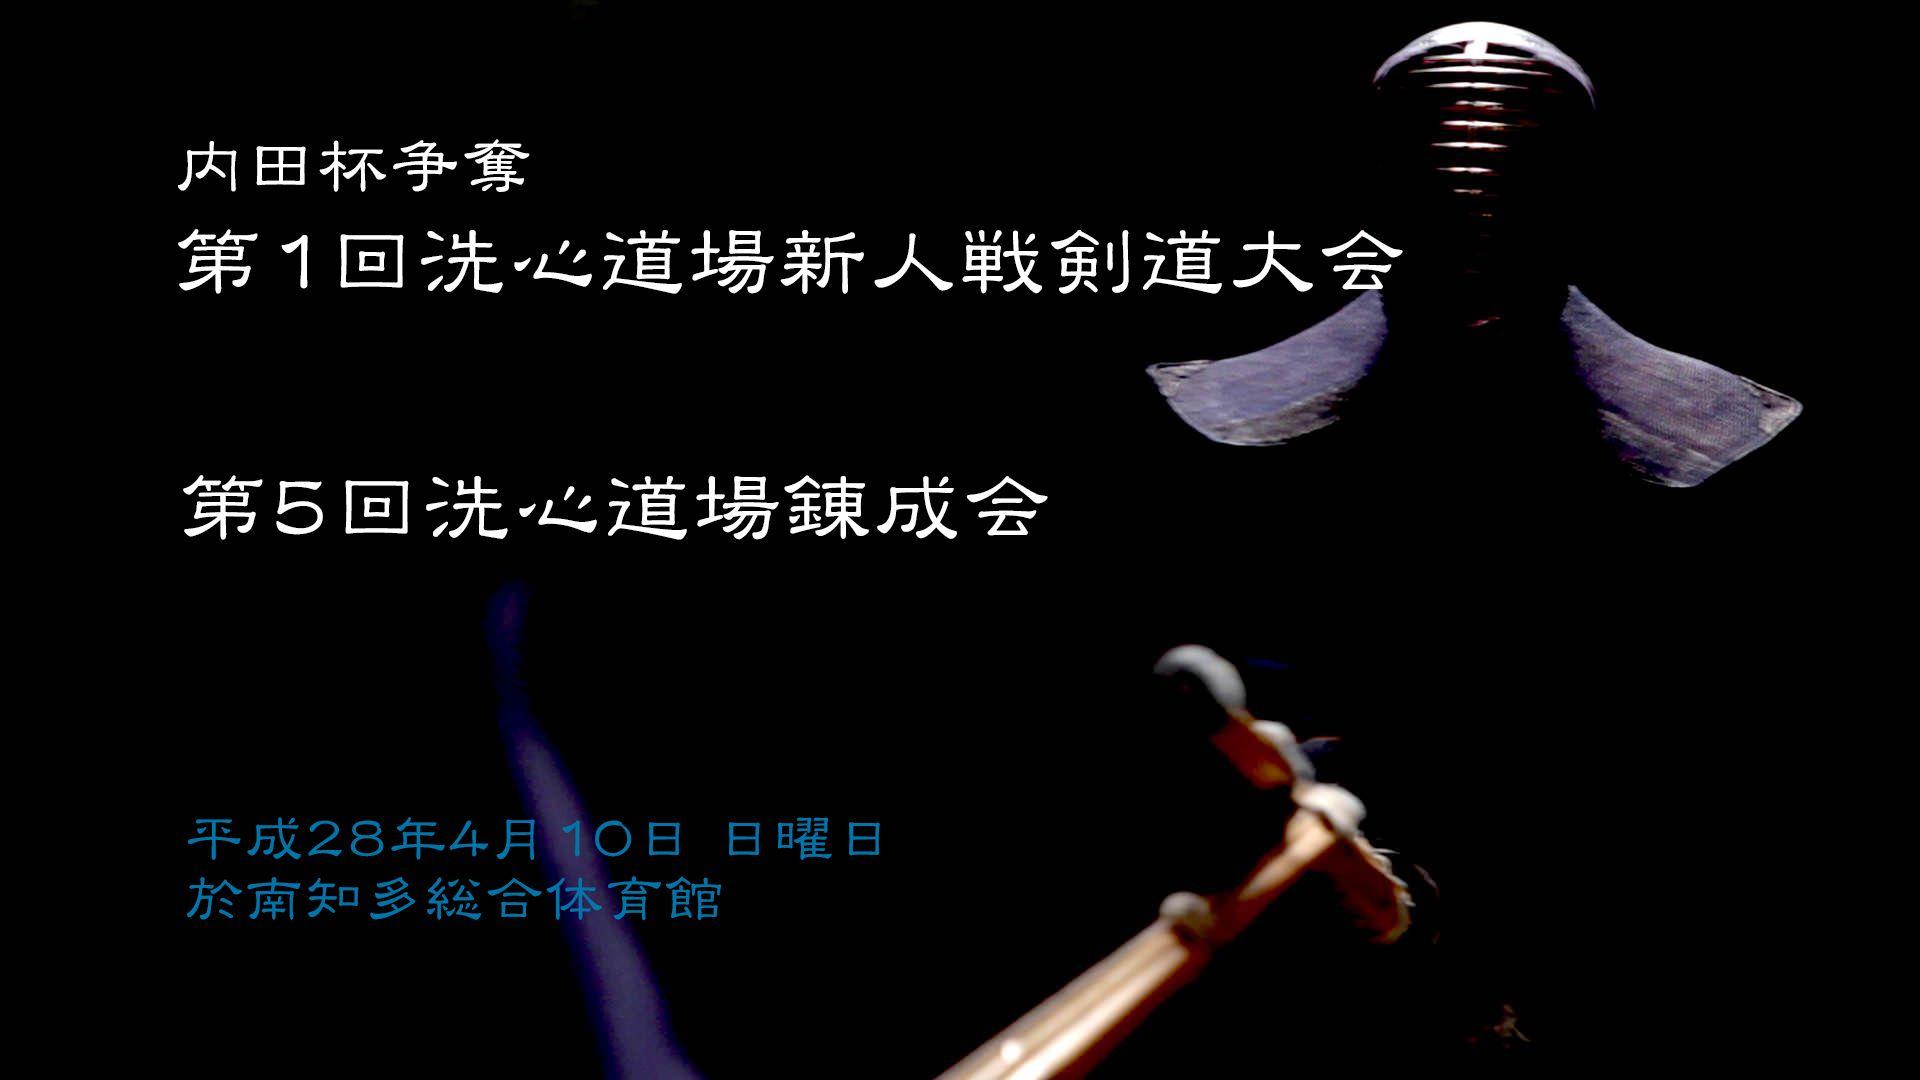 内田杯争奪第1回洗心道場新人戦剣道大会・第5回洗心道場錬成会